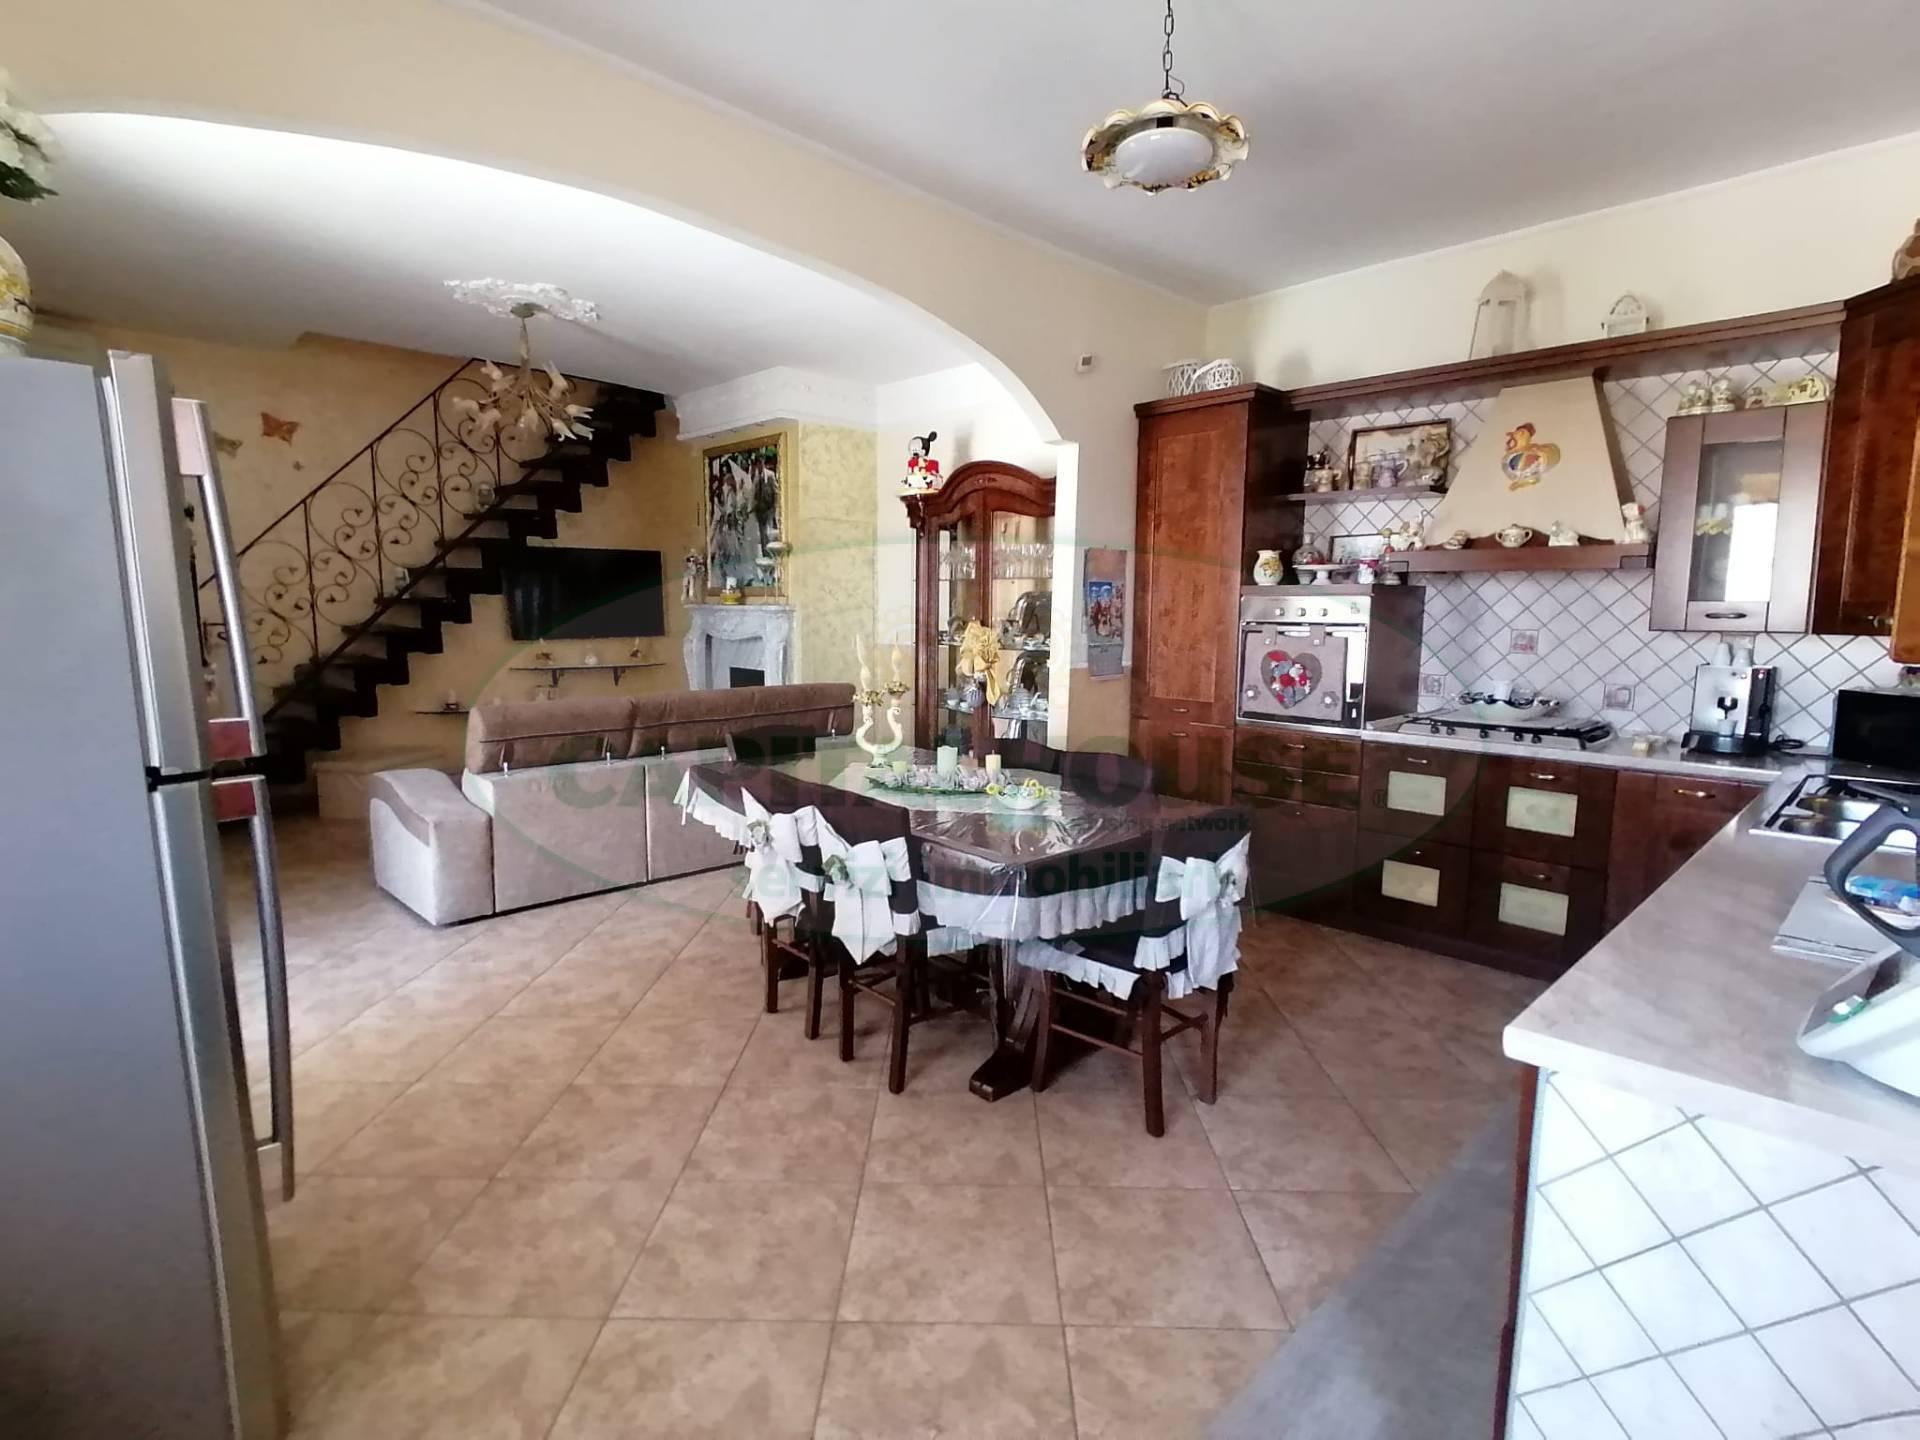 Appartamento in vendita a Cicciano, 5 locali, prezzo € 170.000 | CambioCasa.it